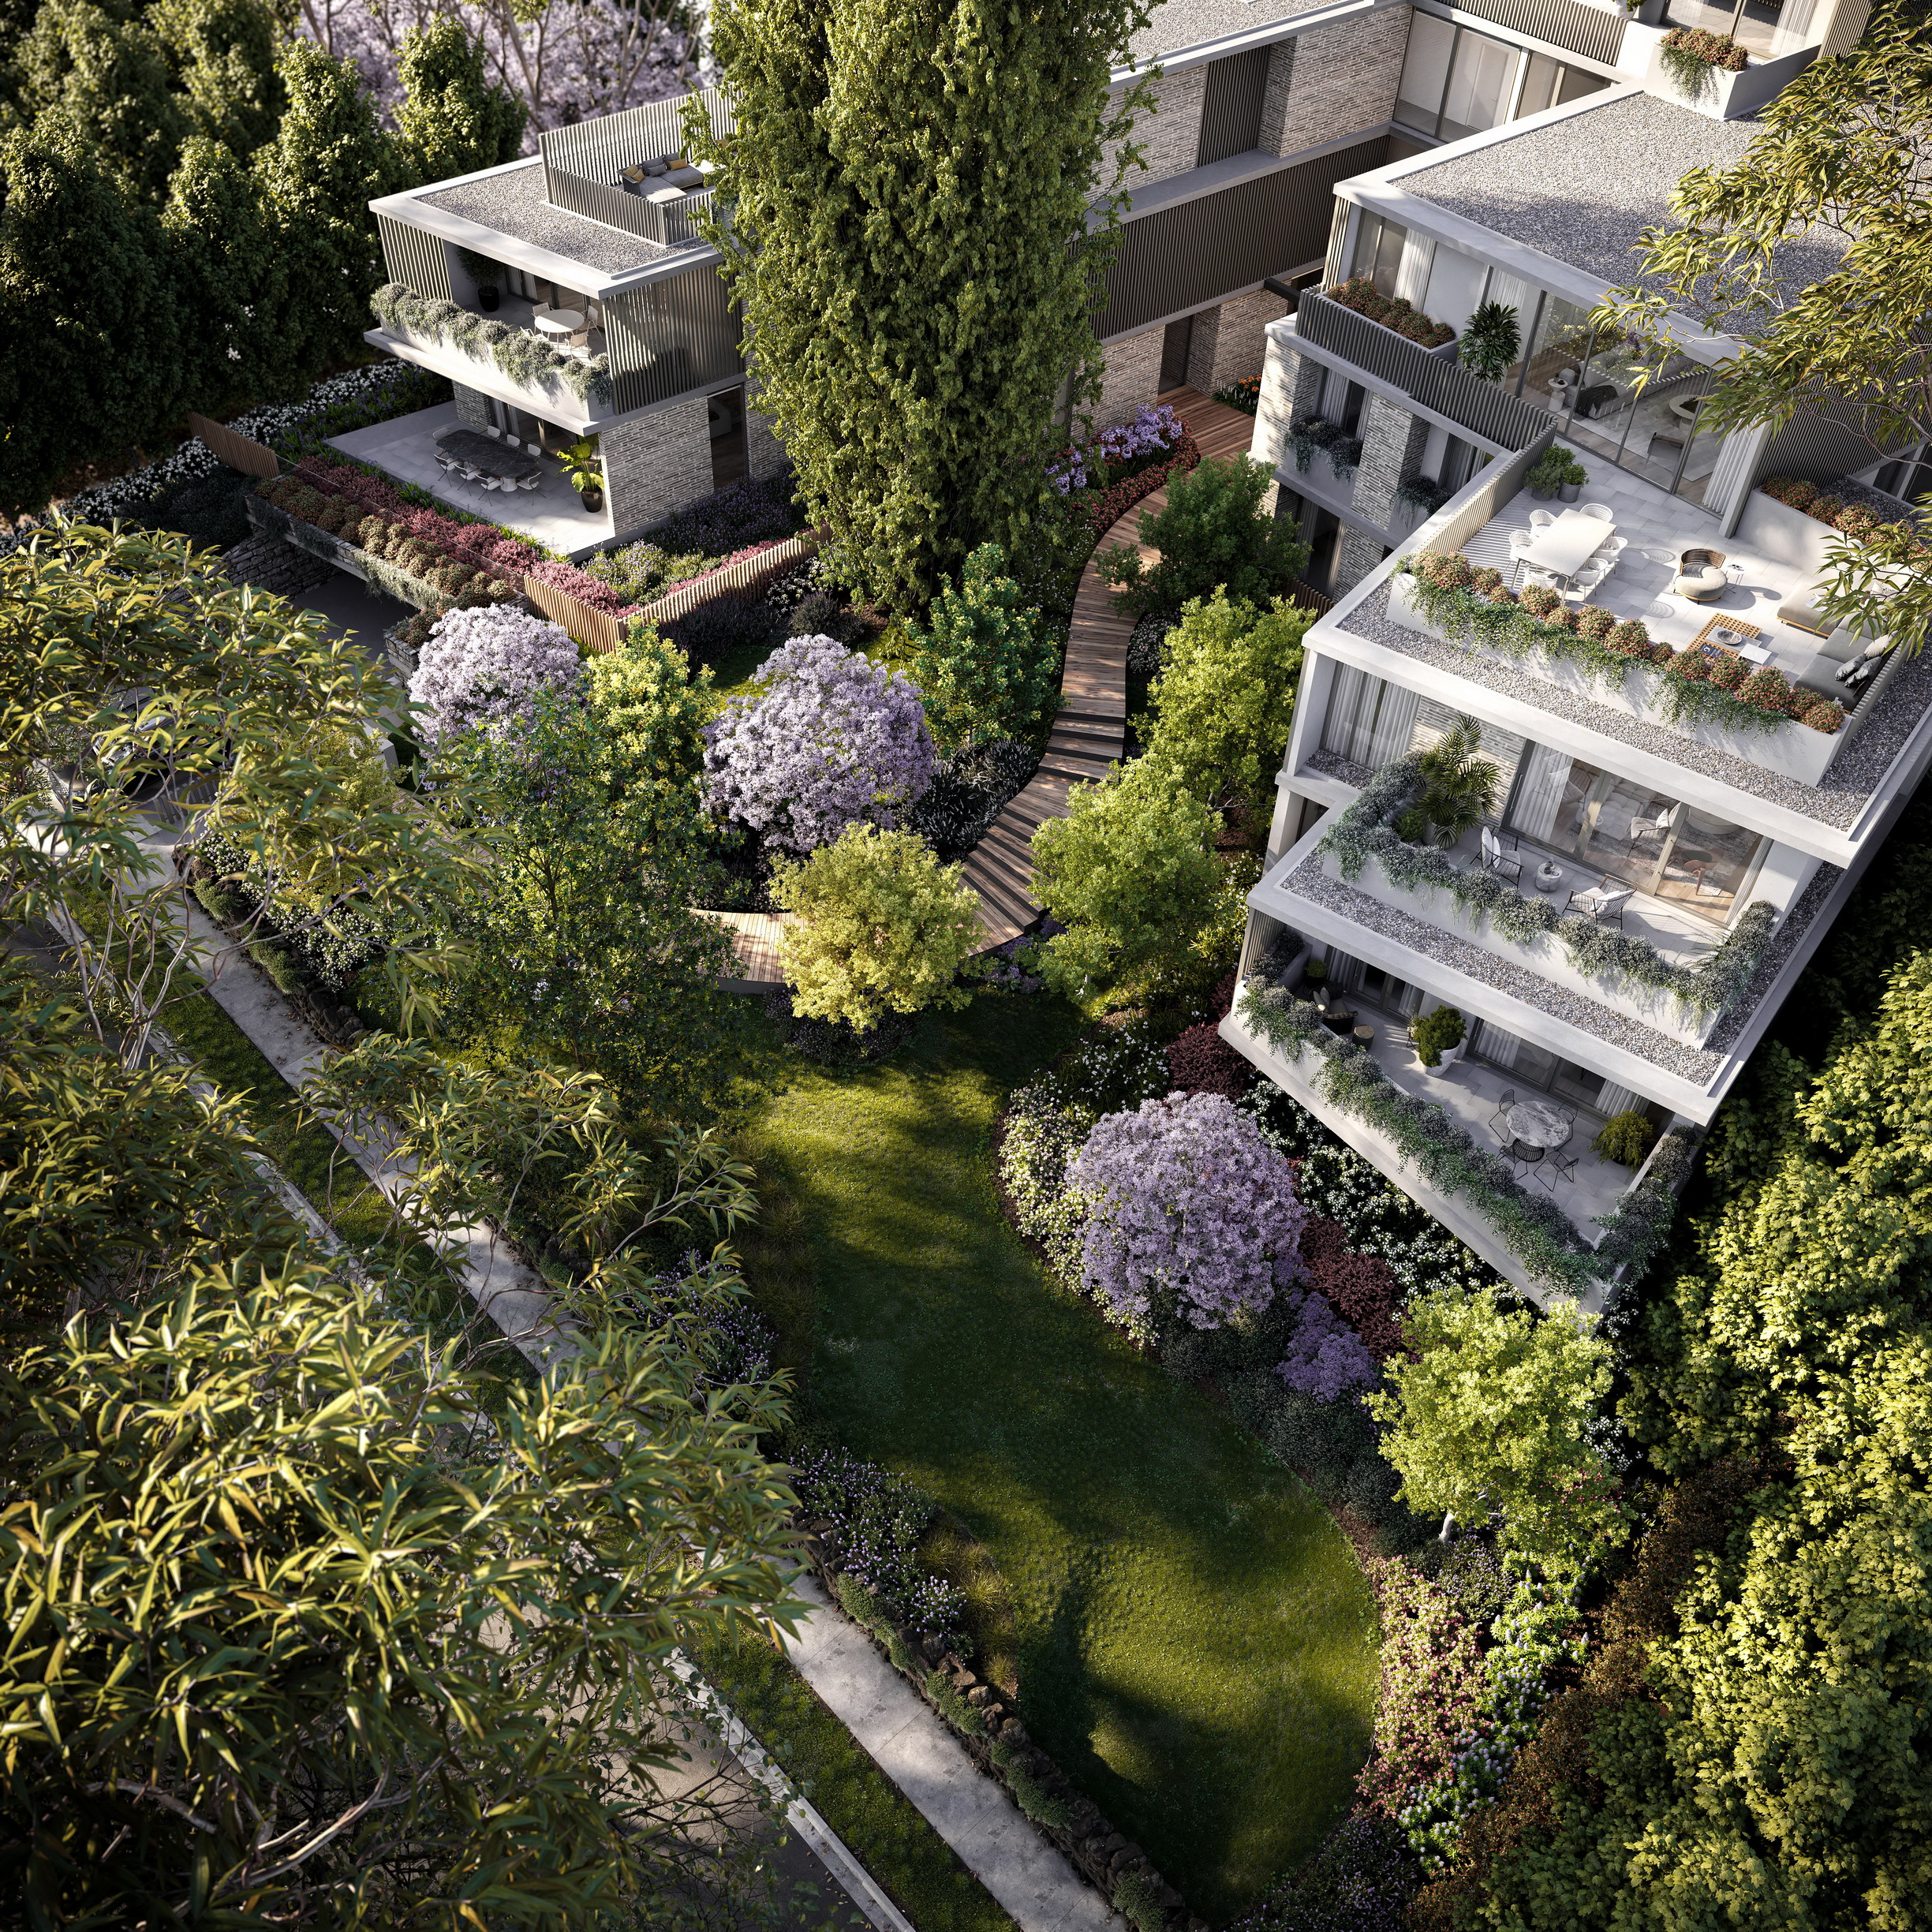 fkd-studio-3d-archiecture-visualisation-cgi-archviz-eaglemont-exterior-lookdown